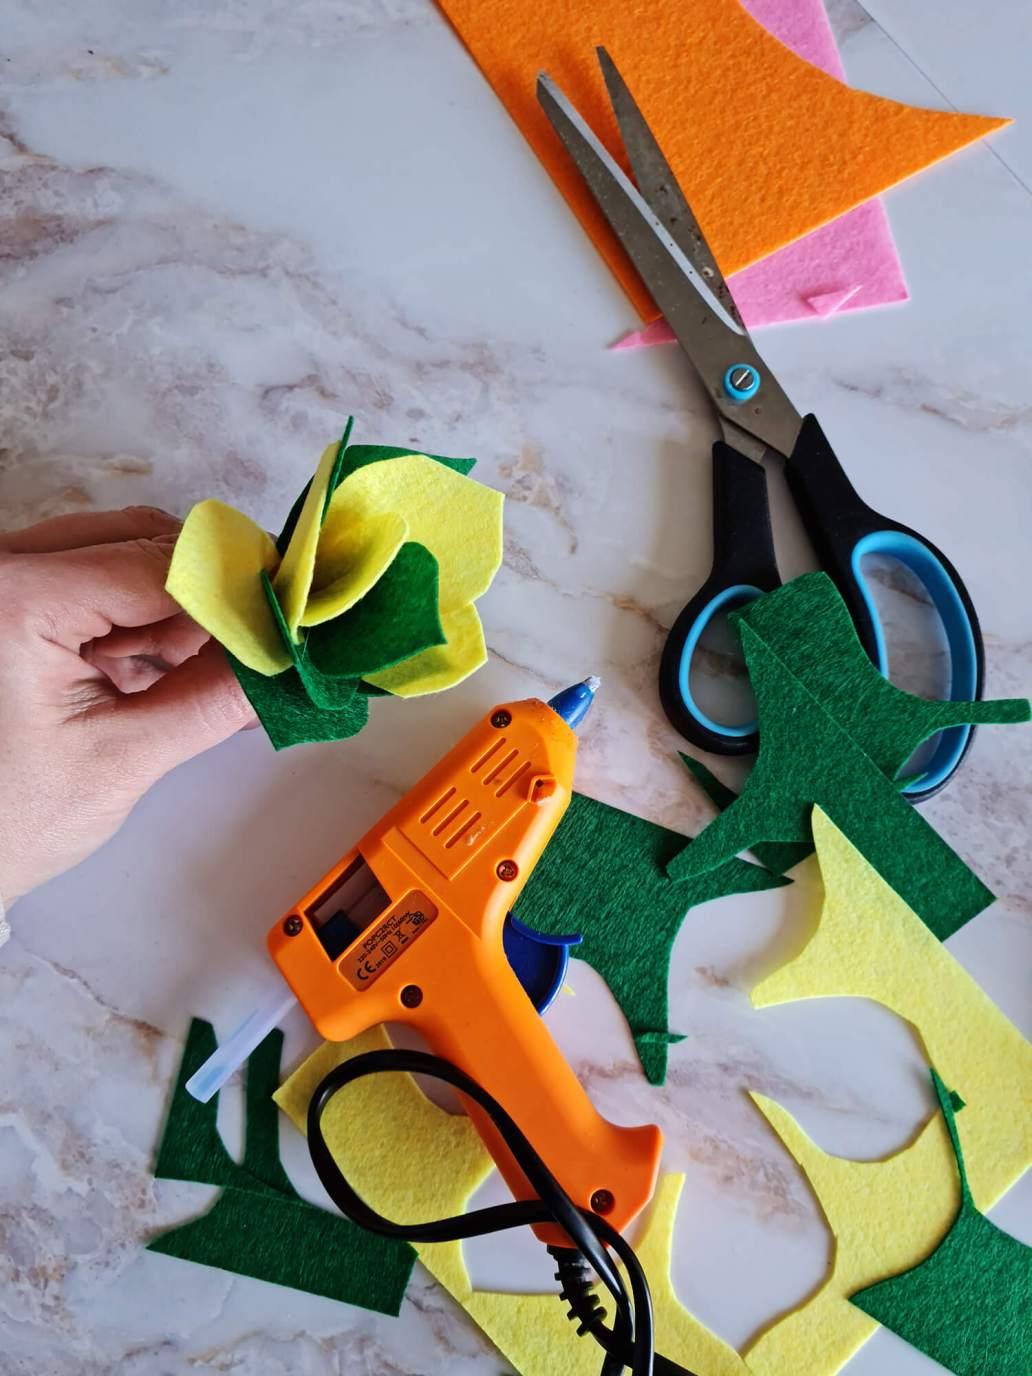 20210402 134645 - Fabriquer une petite décoration en feutre pour orner les murs de couleurs